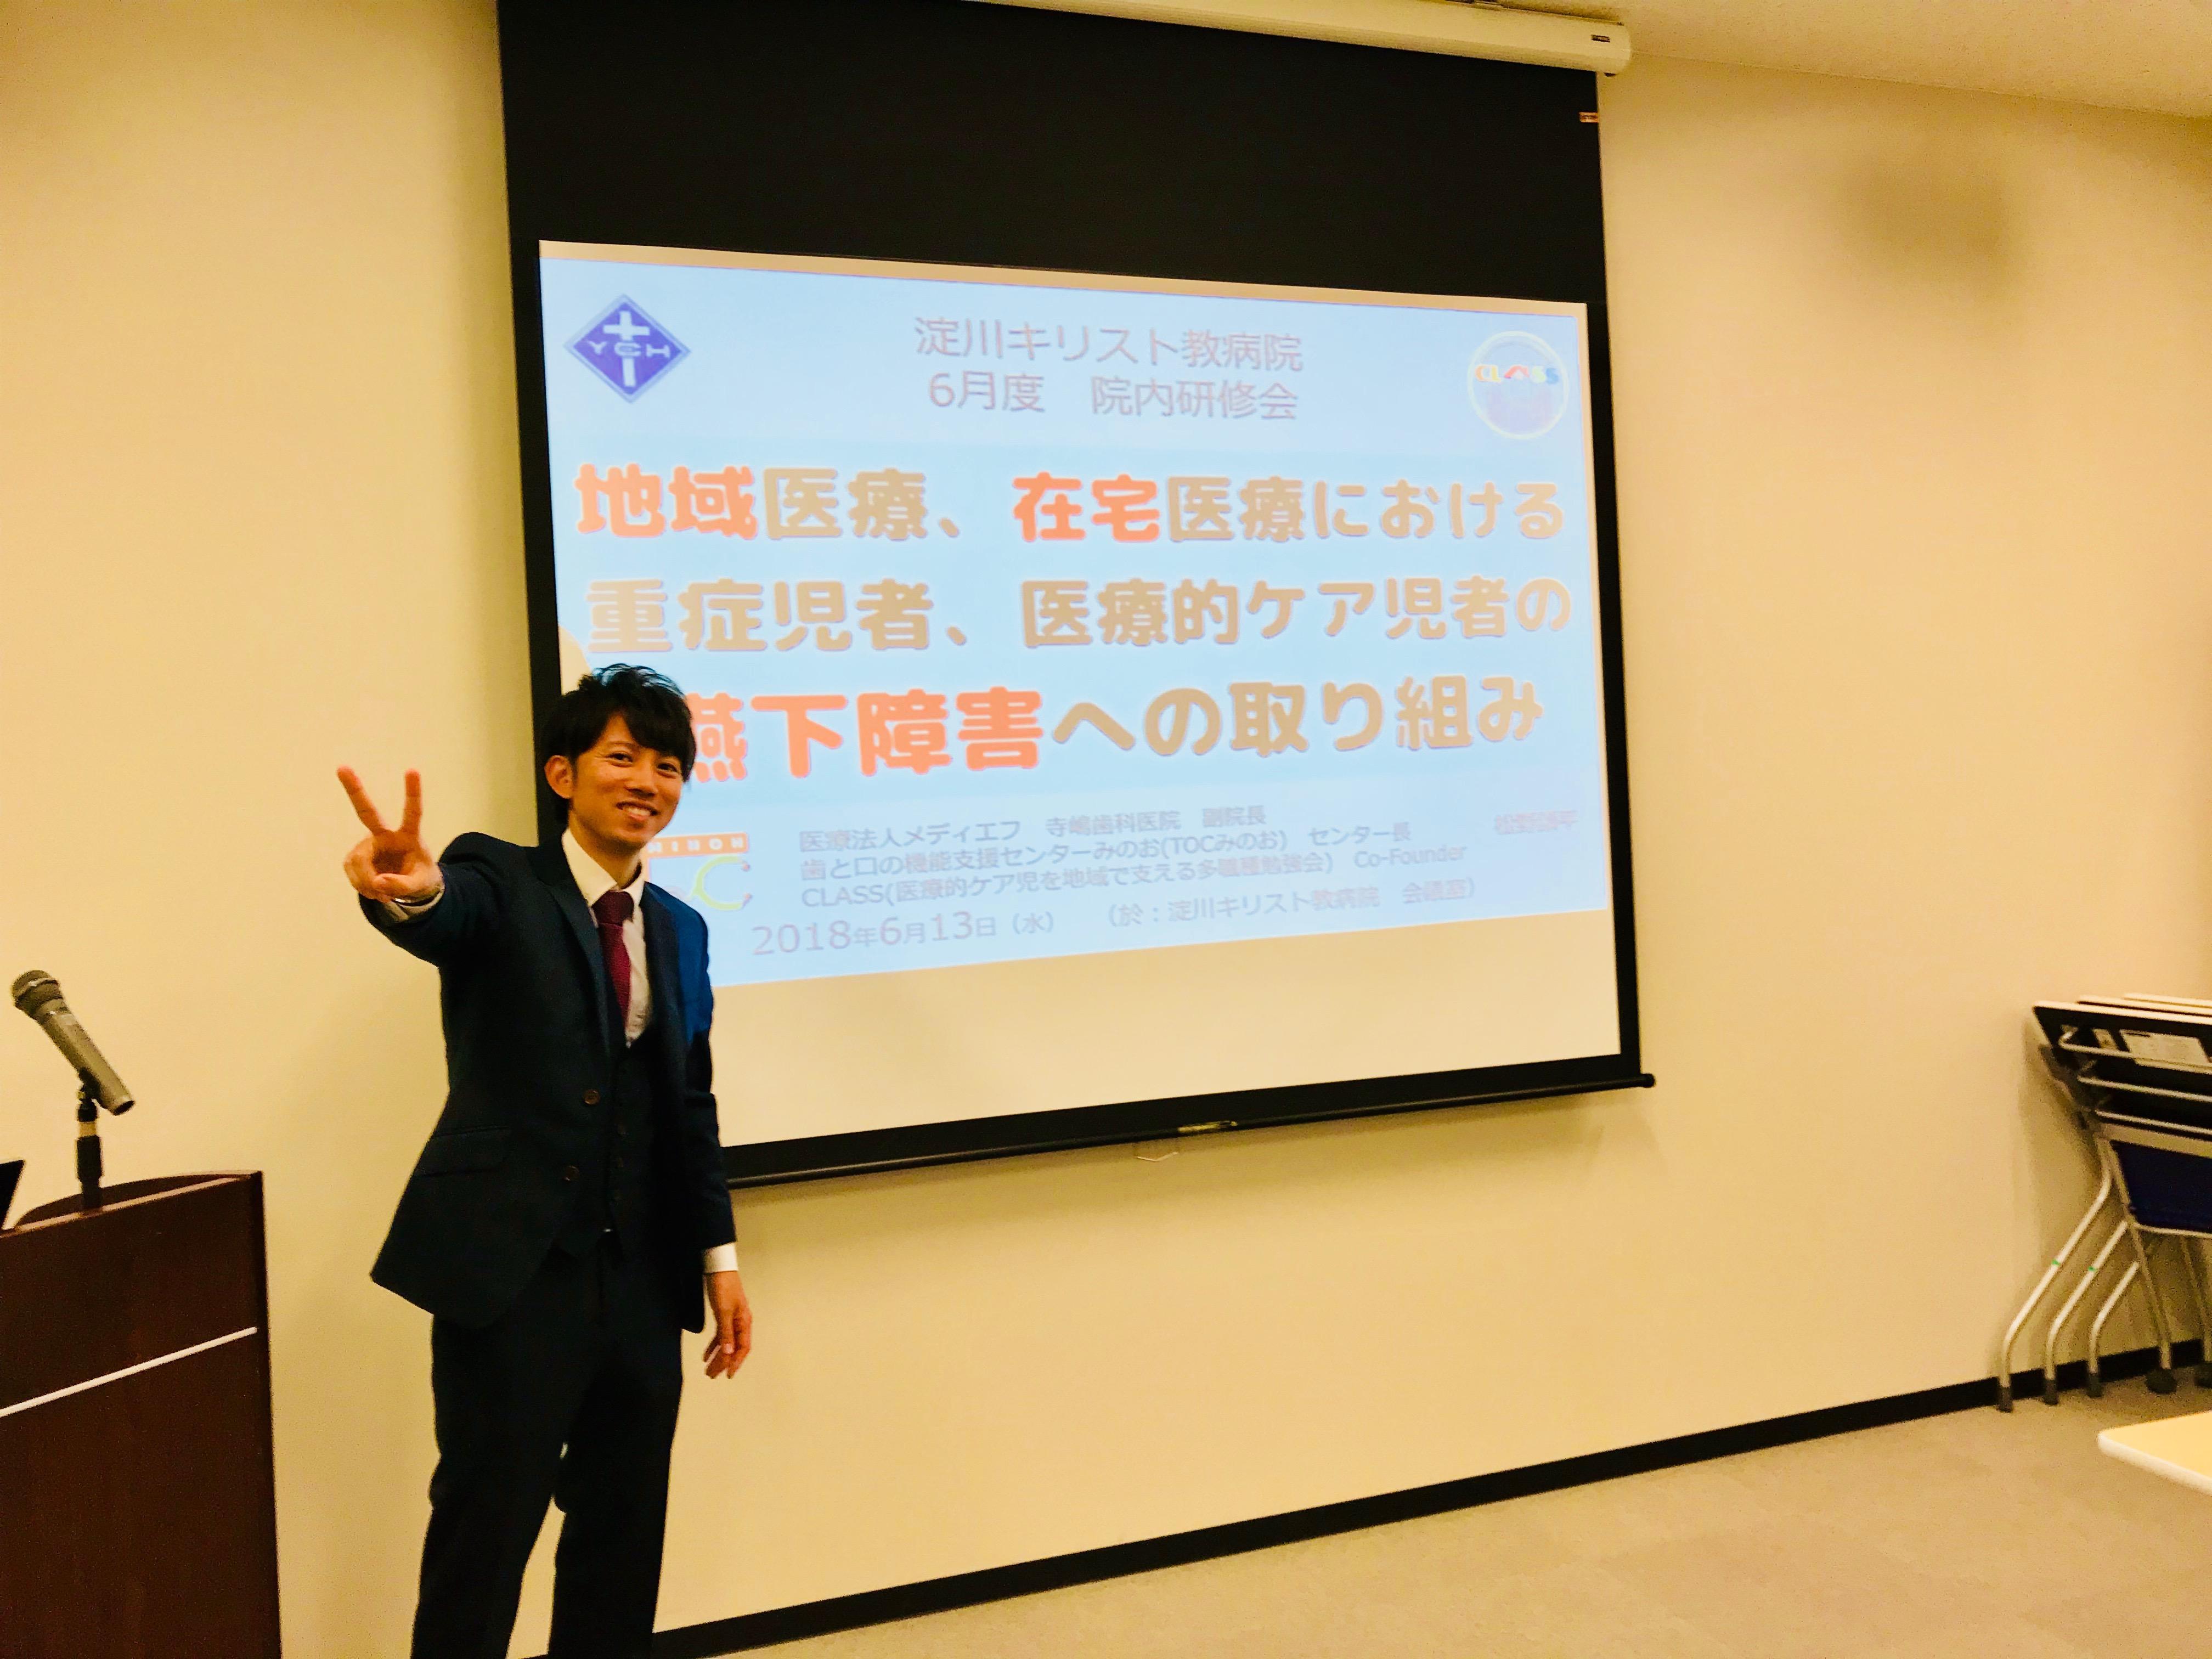 2018.6.13よどまち⑤.JPG